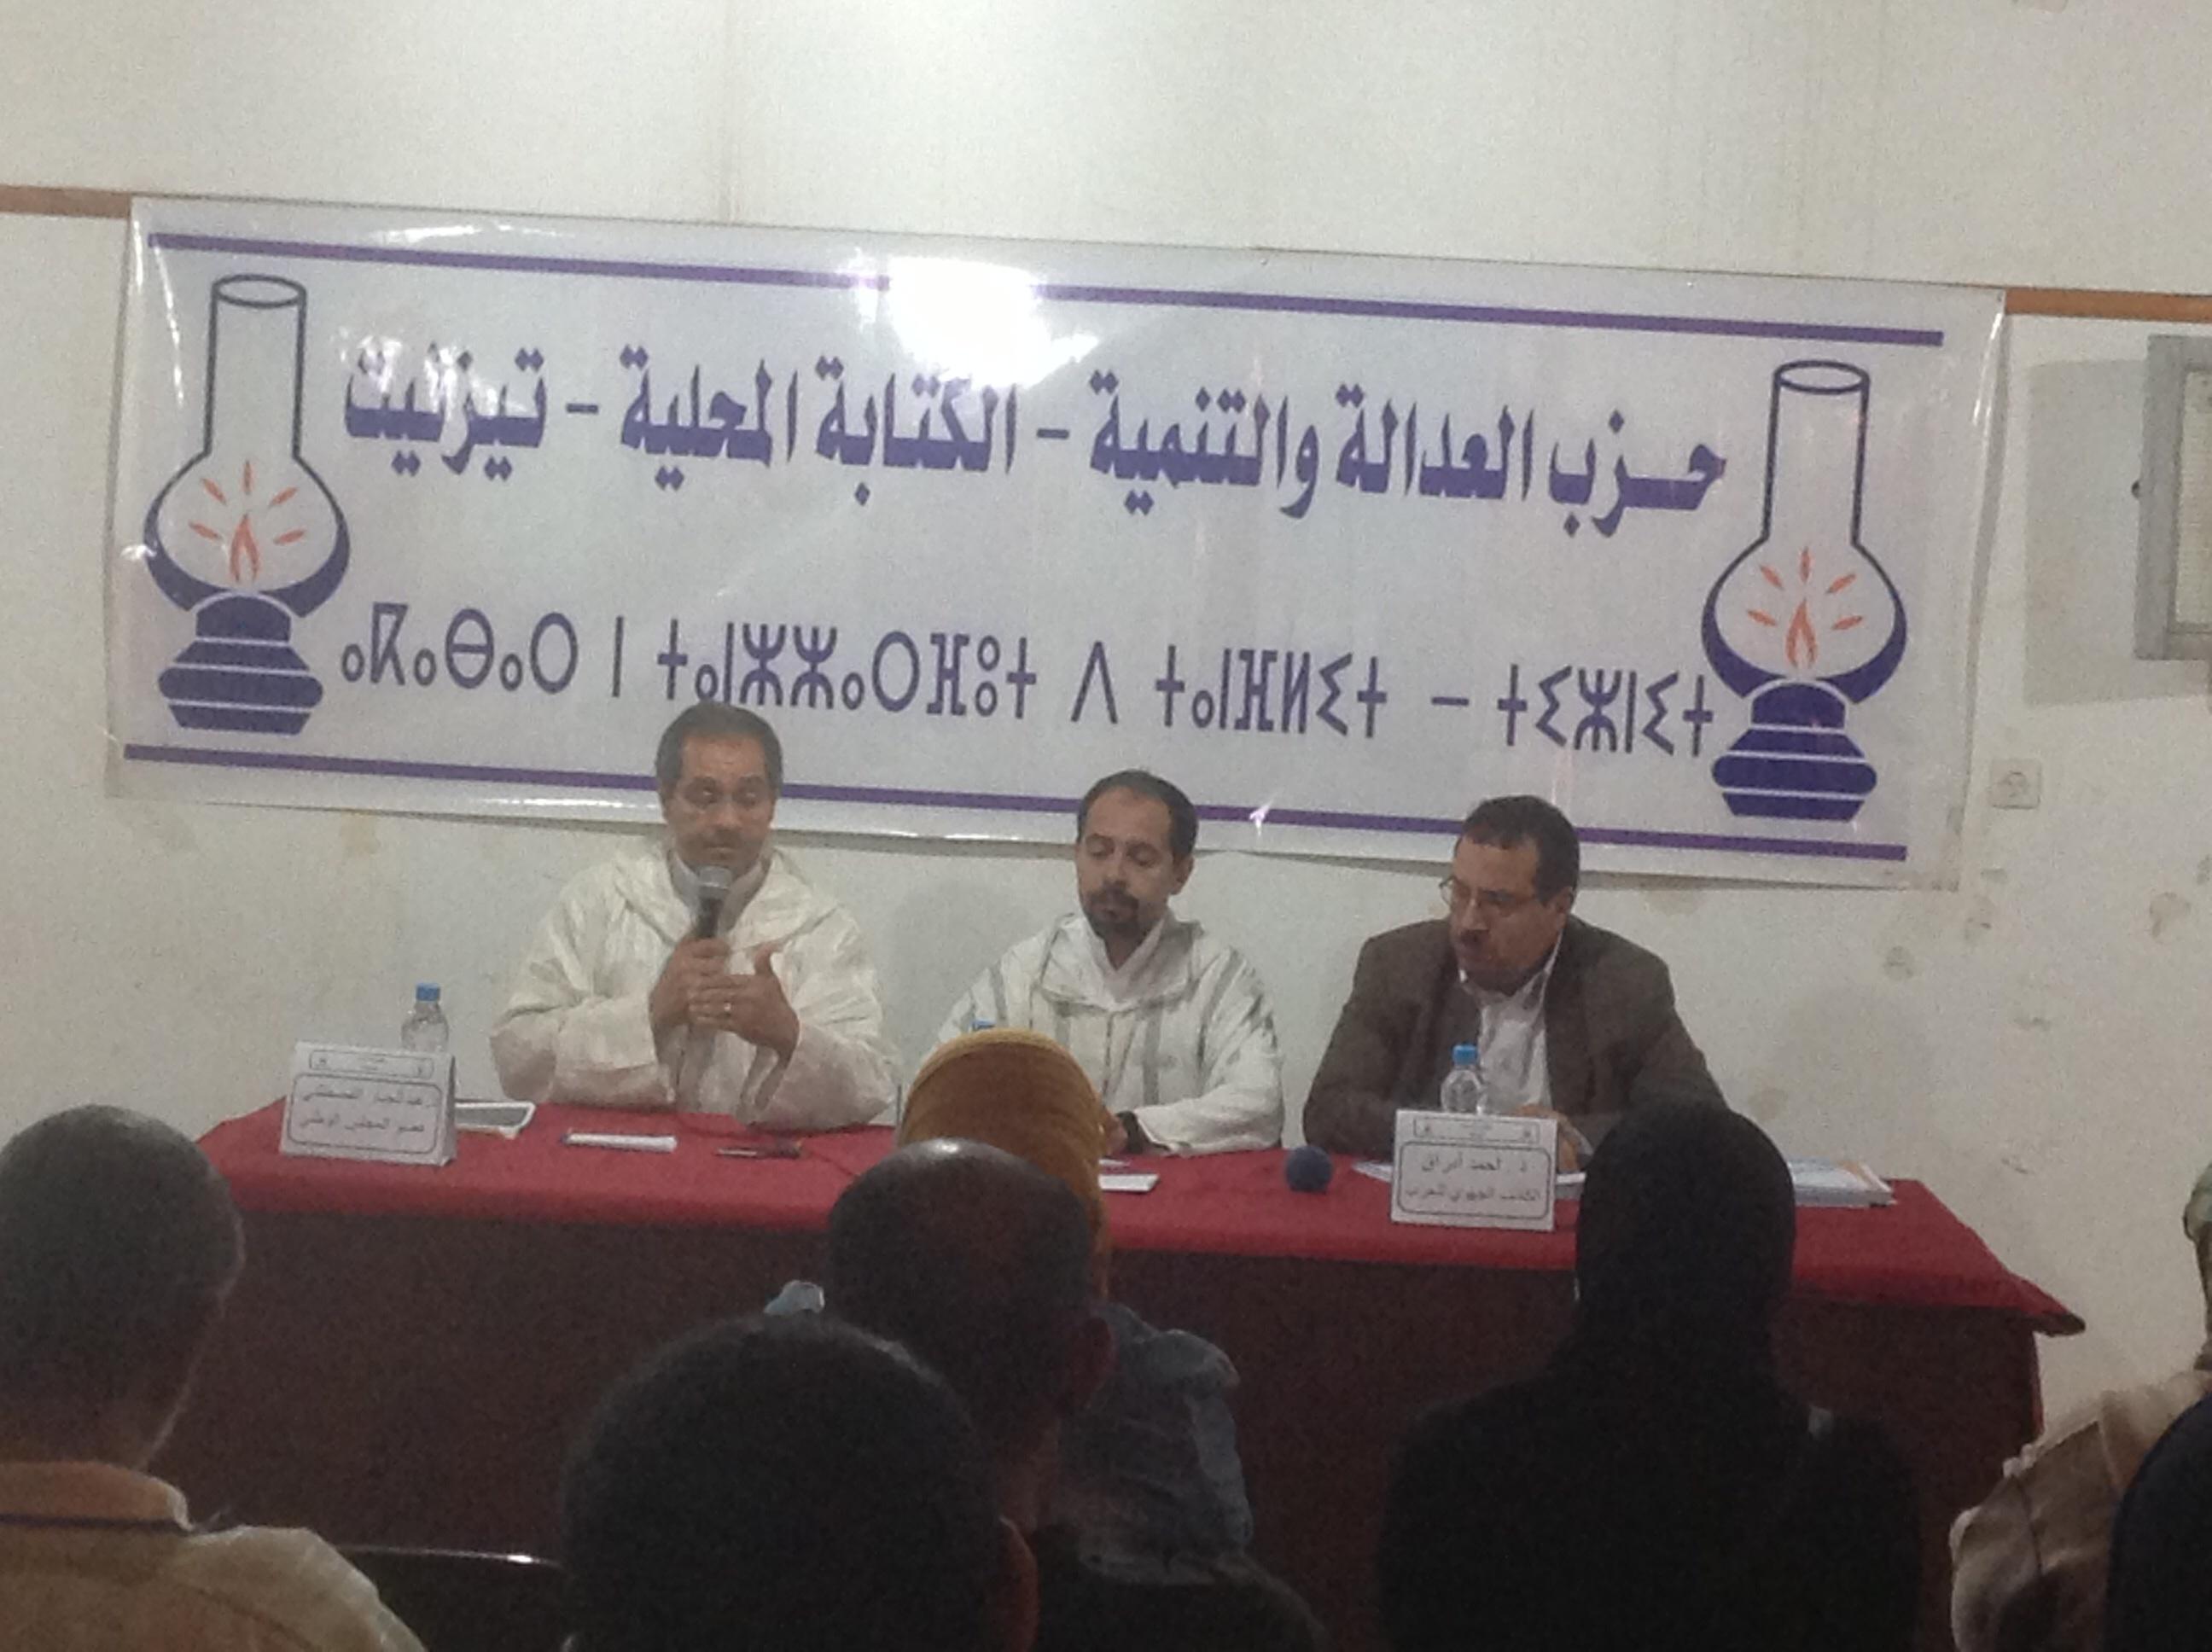 القسطلاني: الحزب مستعد تمام الاستعداد للانتخابات الجماعية والجهوية بسوس